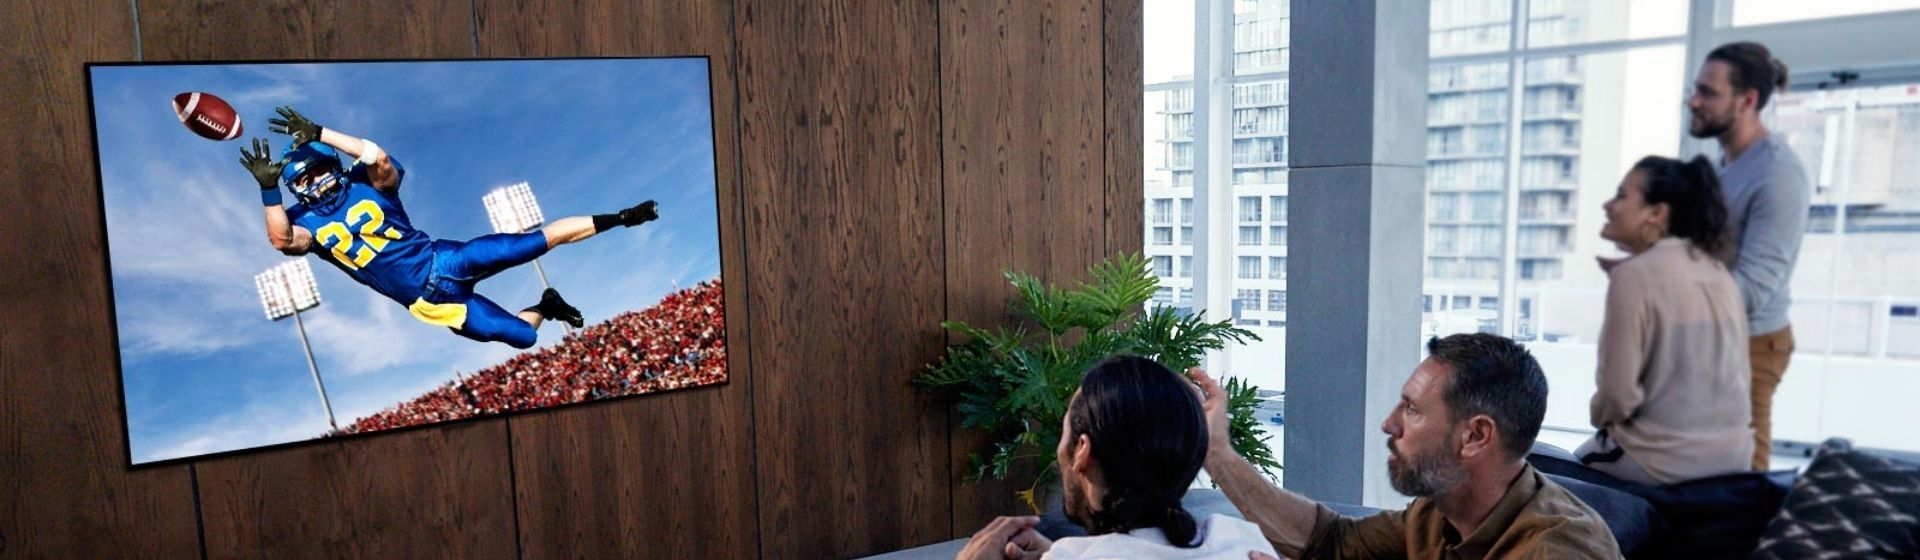 Melhor smart TV 4K 2021: confira melhores modelos do ano